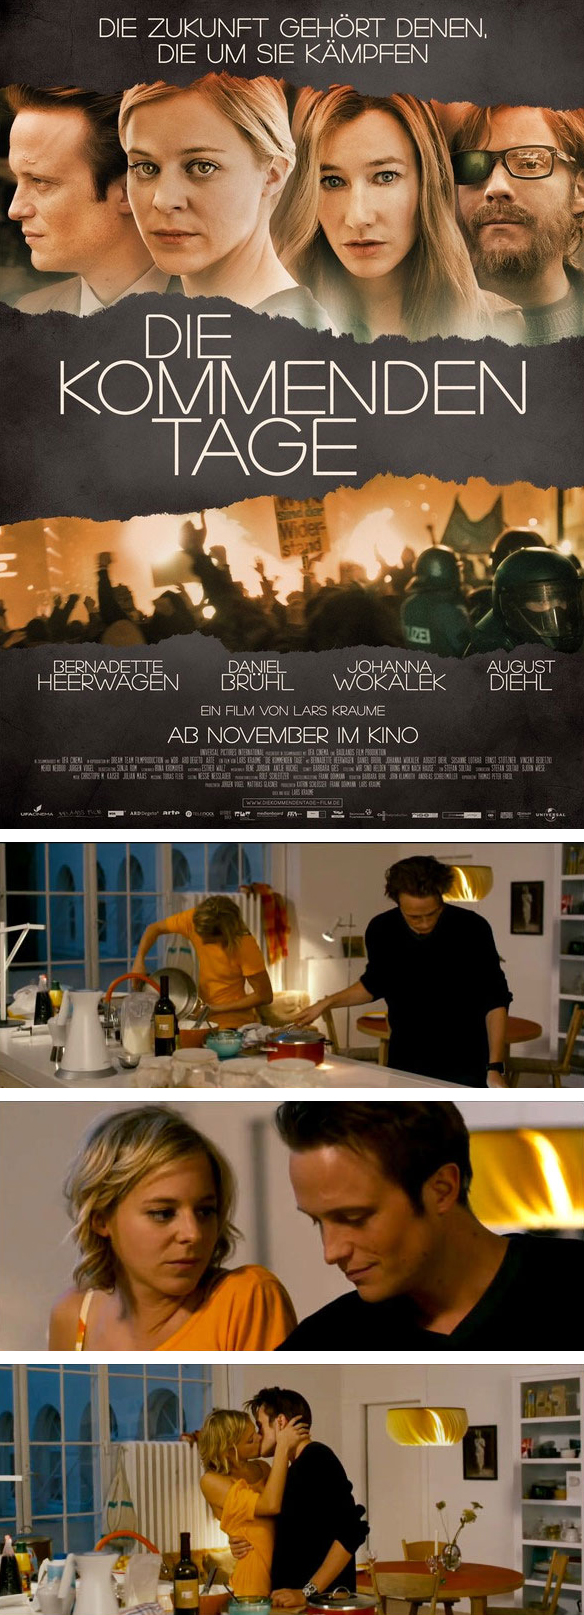 Limpalux_film